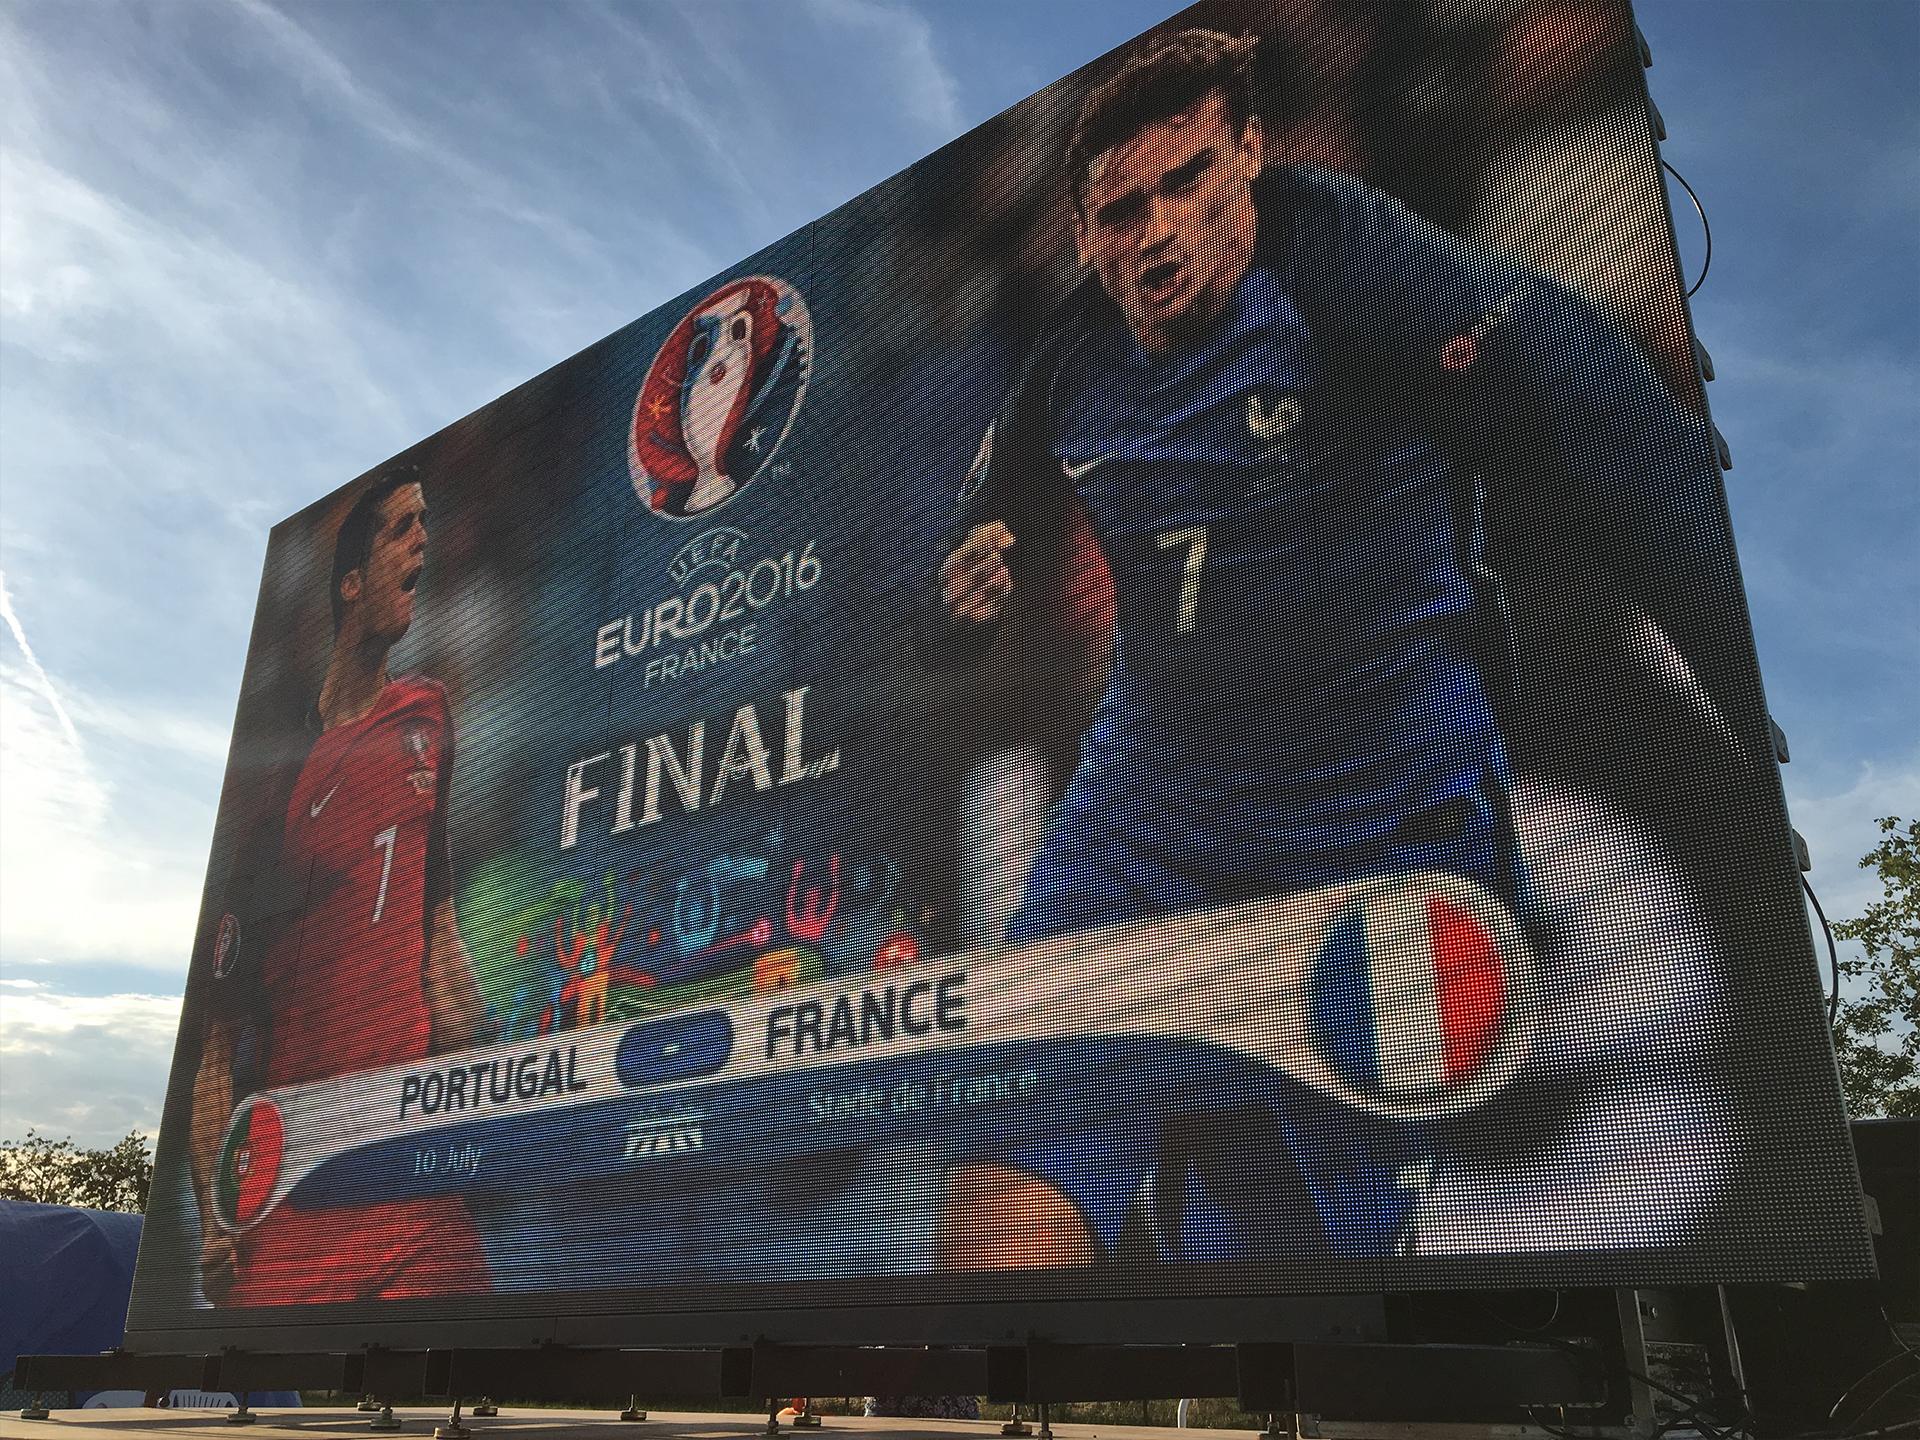 Grand écran à LED plein jour diffusant la finale de l'Euro 2016